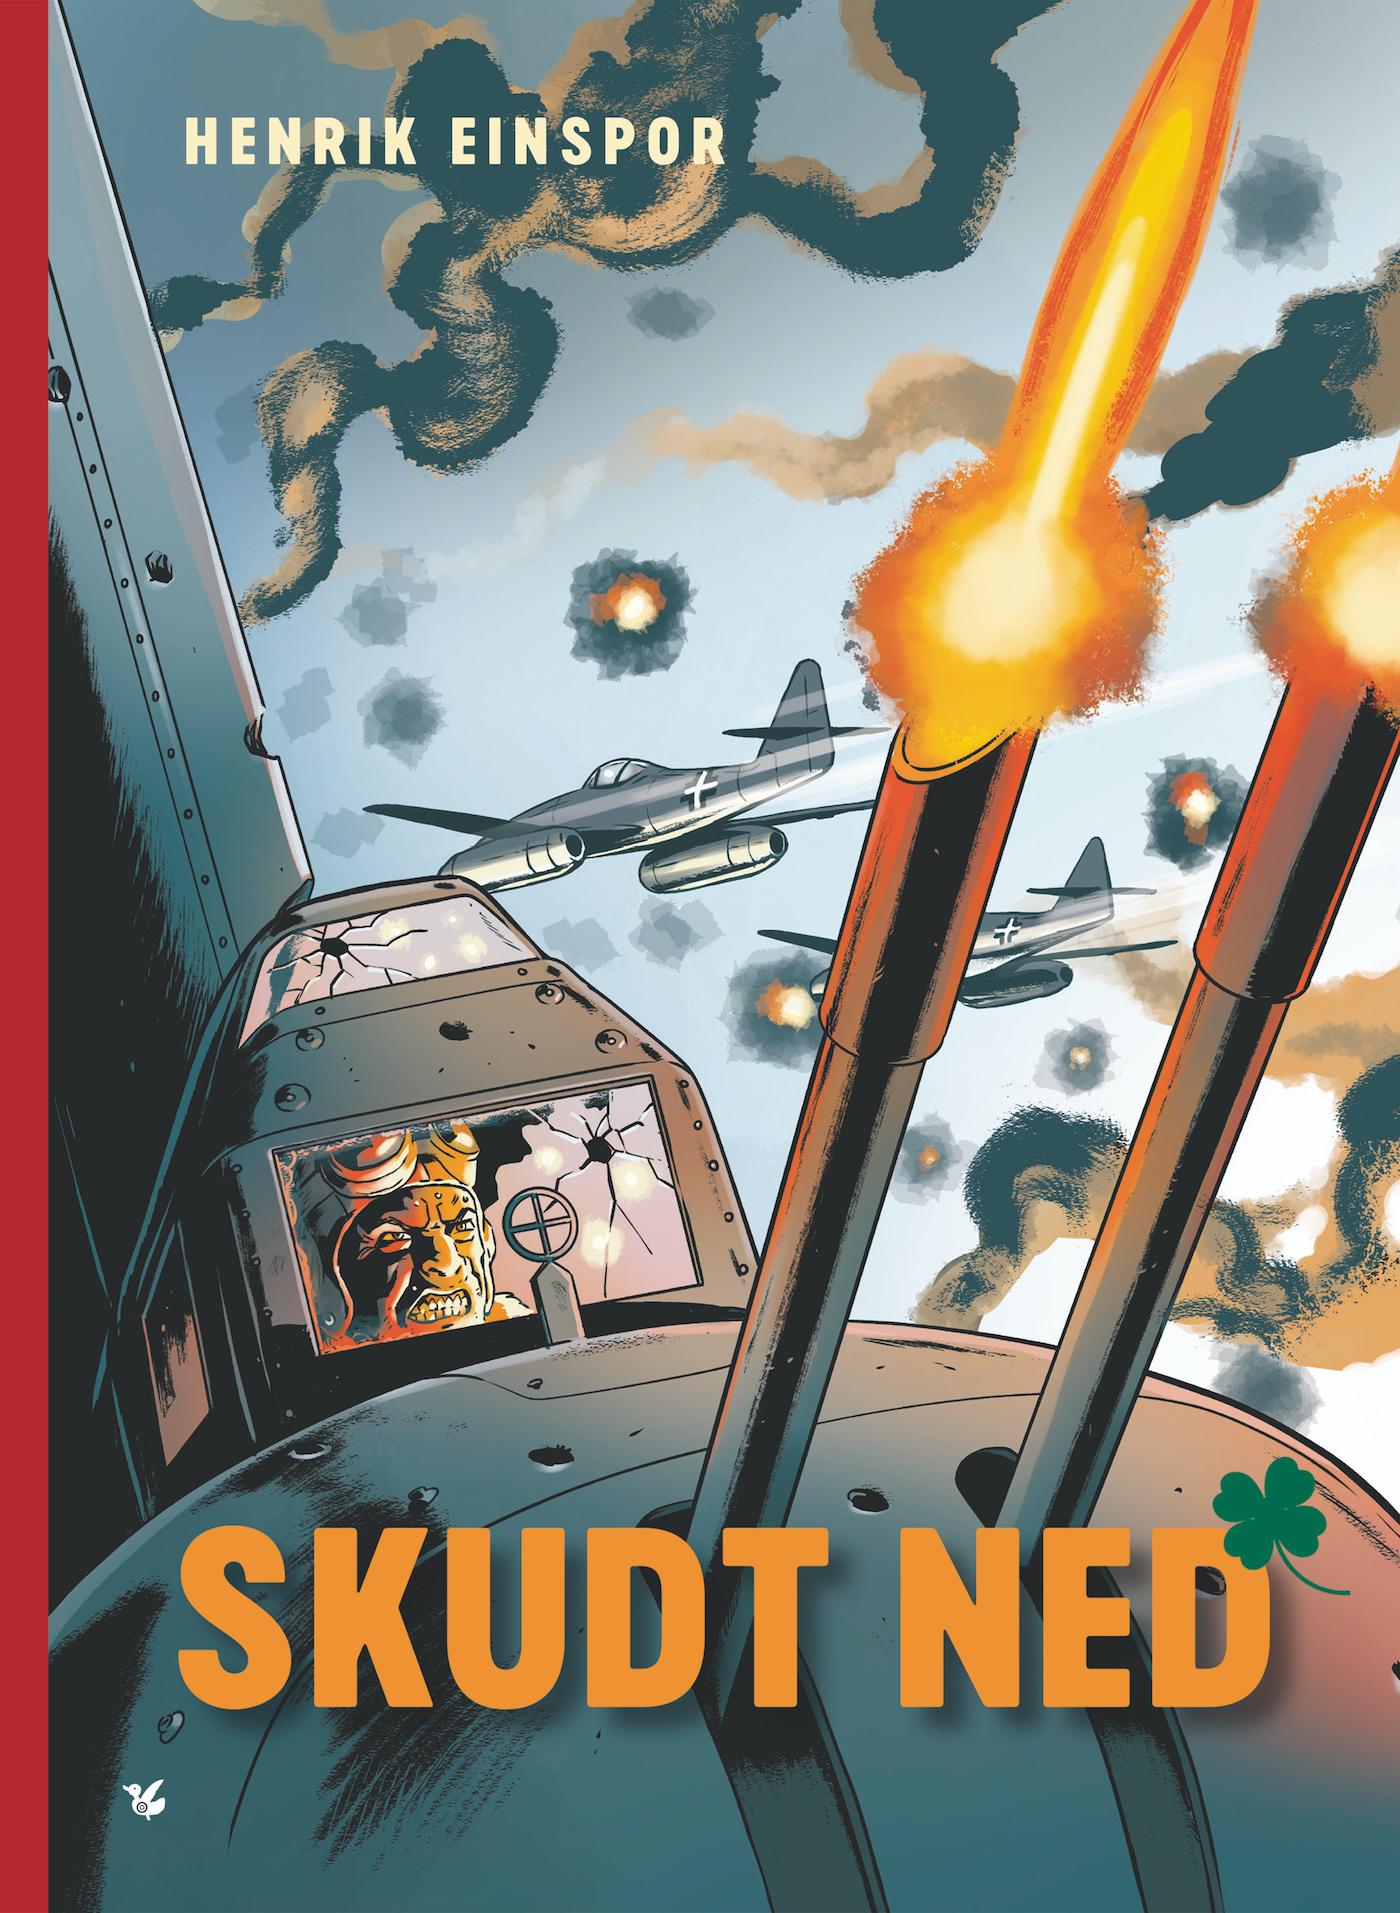 Skudt ned - Henrik Einspor - Bøger - Løse Ænder - 9788793636859 - July 16, 2021